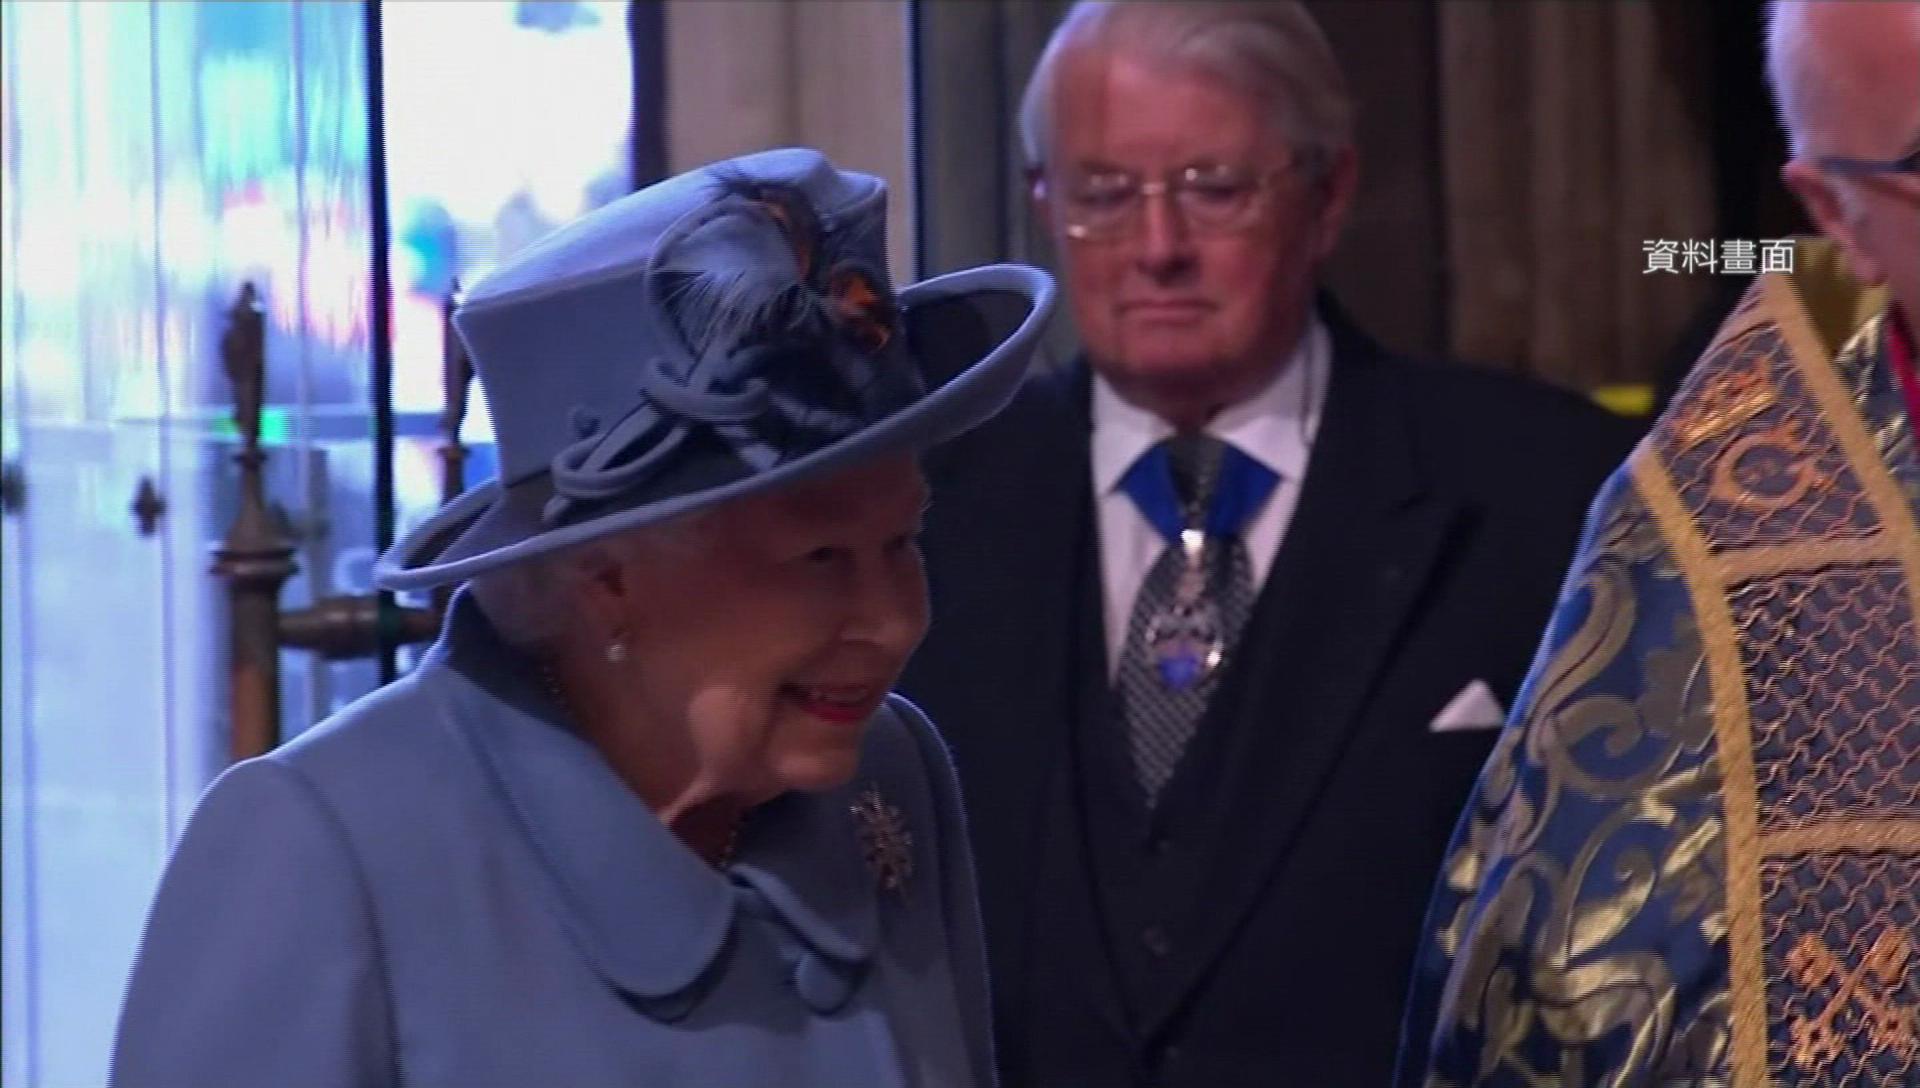 英國王室也中標!查爾斯王子確診 傳與女王見過面…